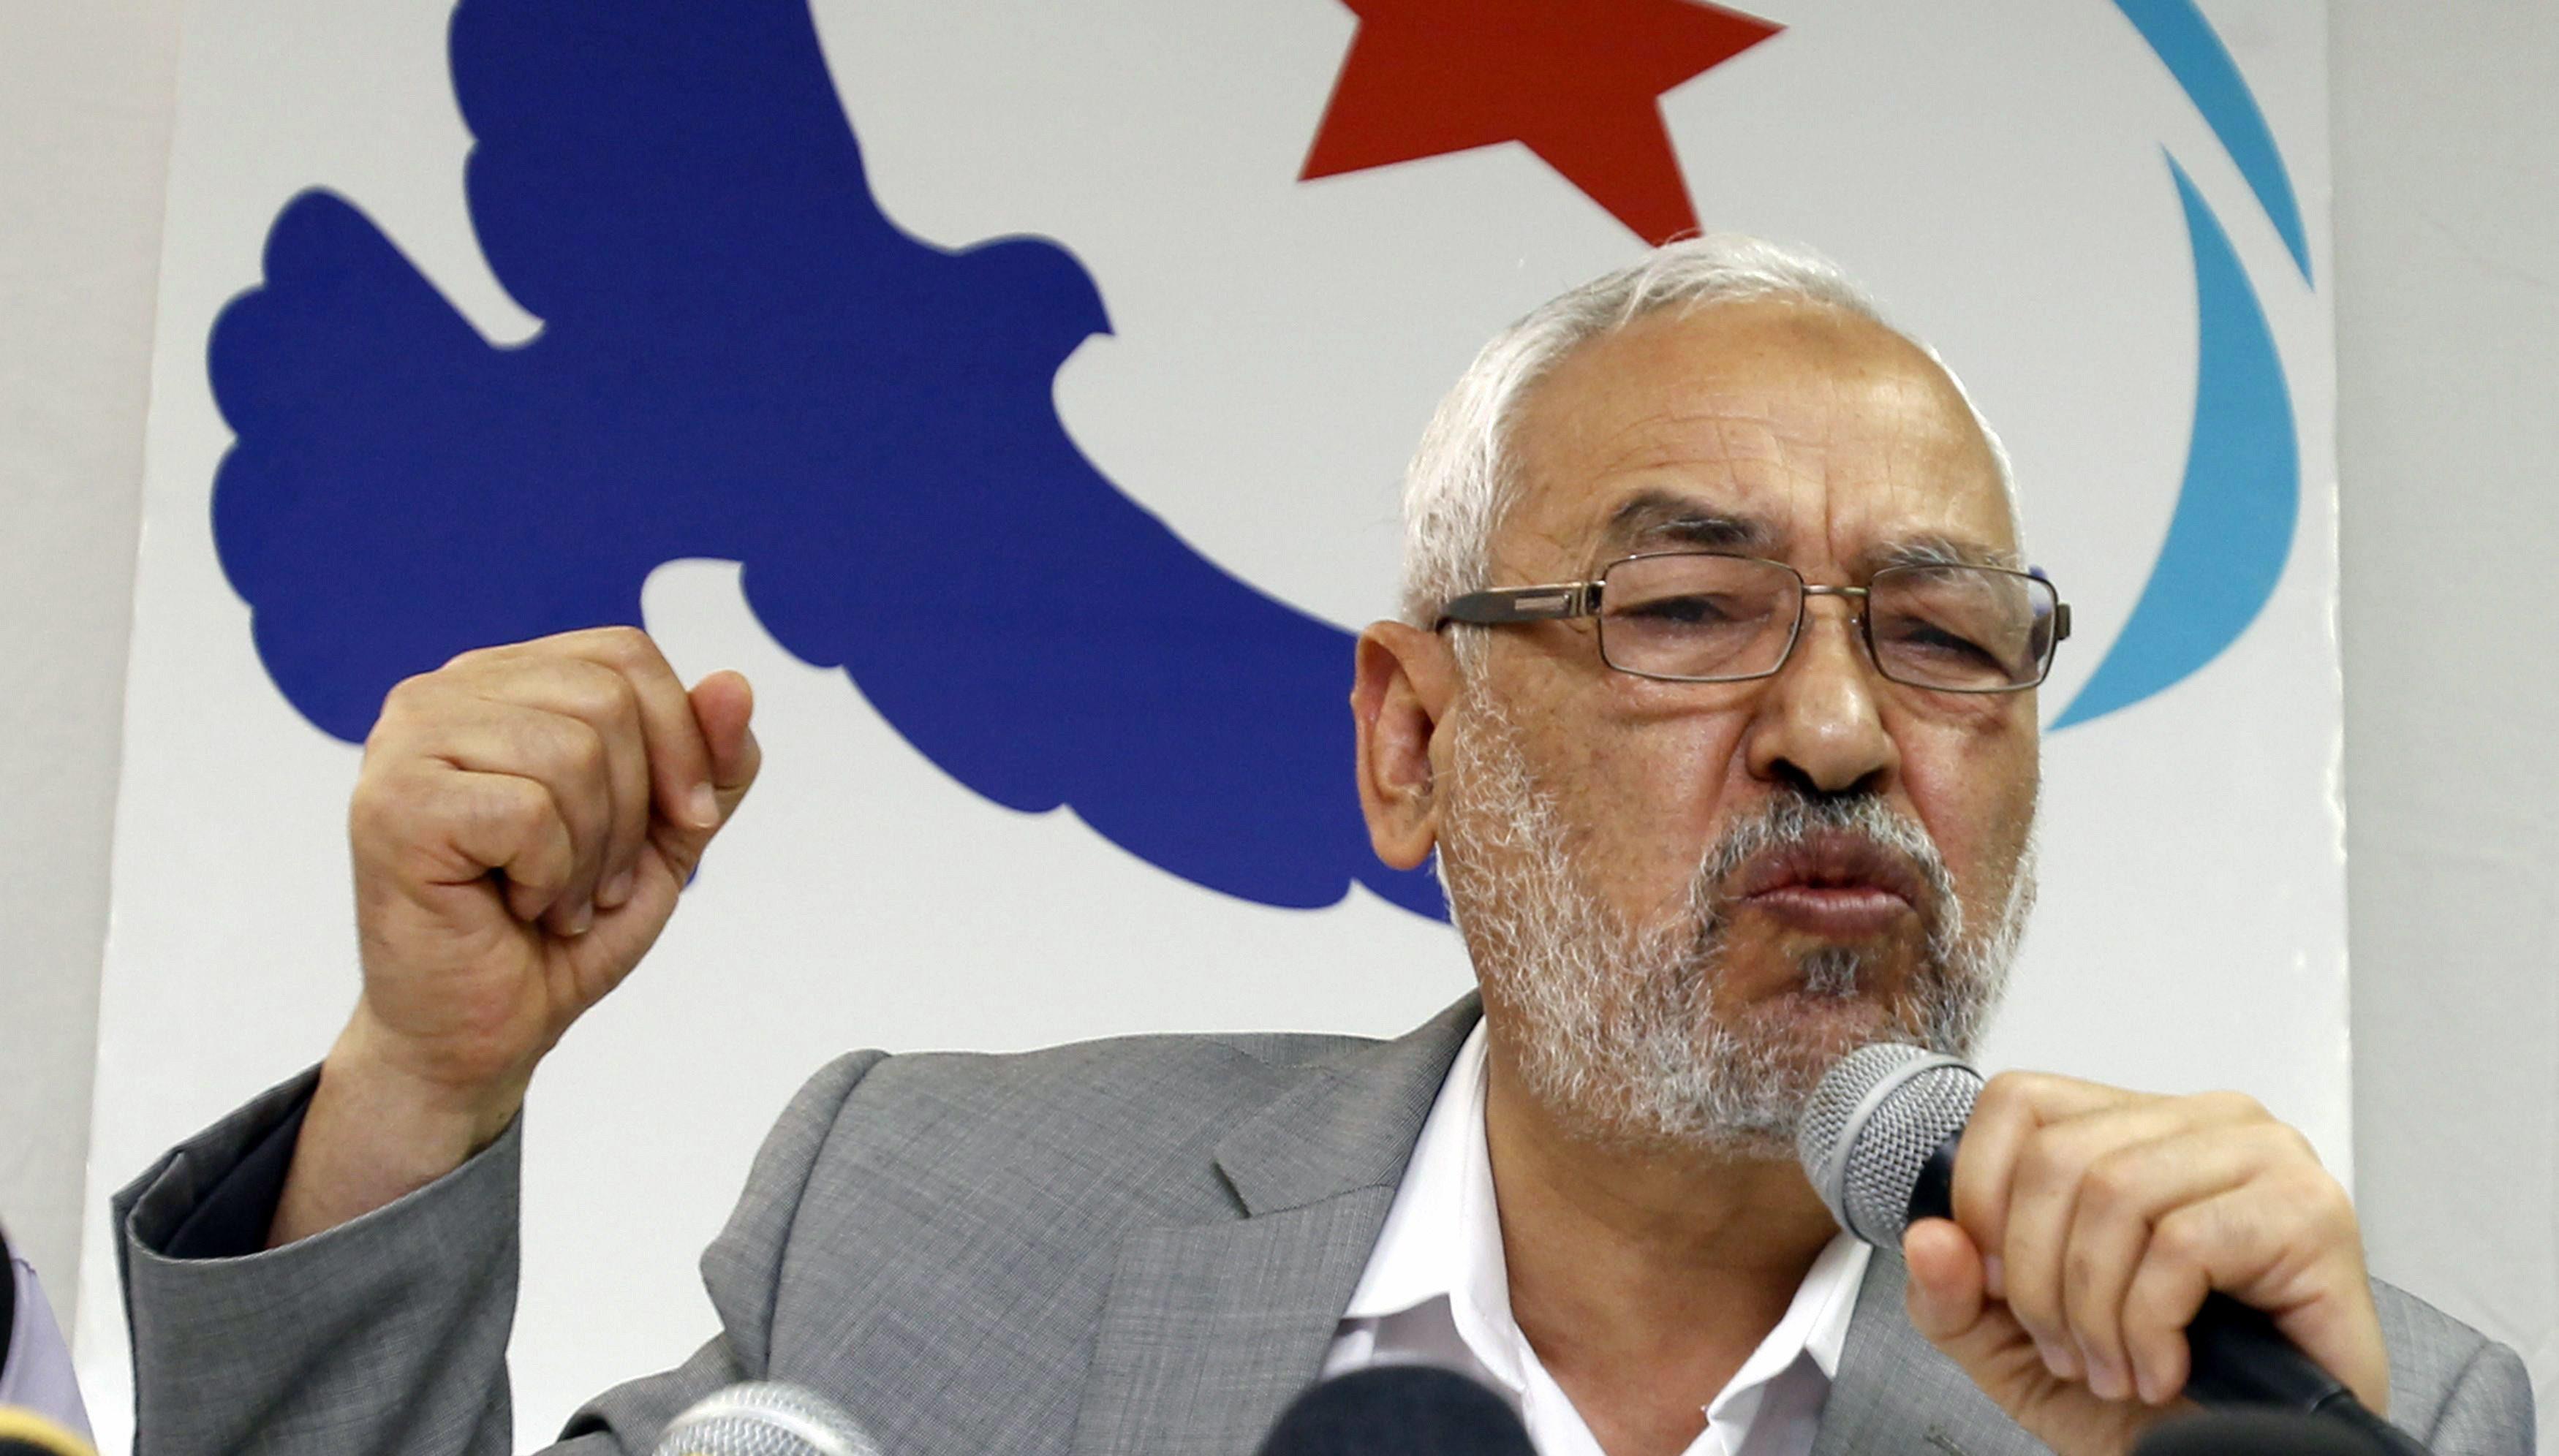 غلاق صفحة الغنوشي على فيسبوك بسبب تزايد انتقادات التونسيين